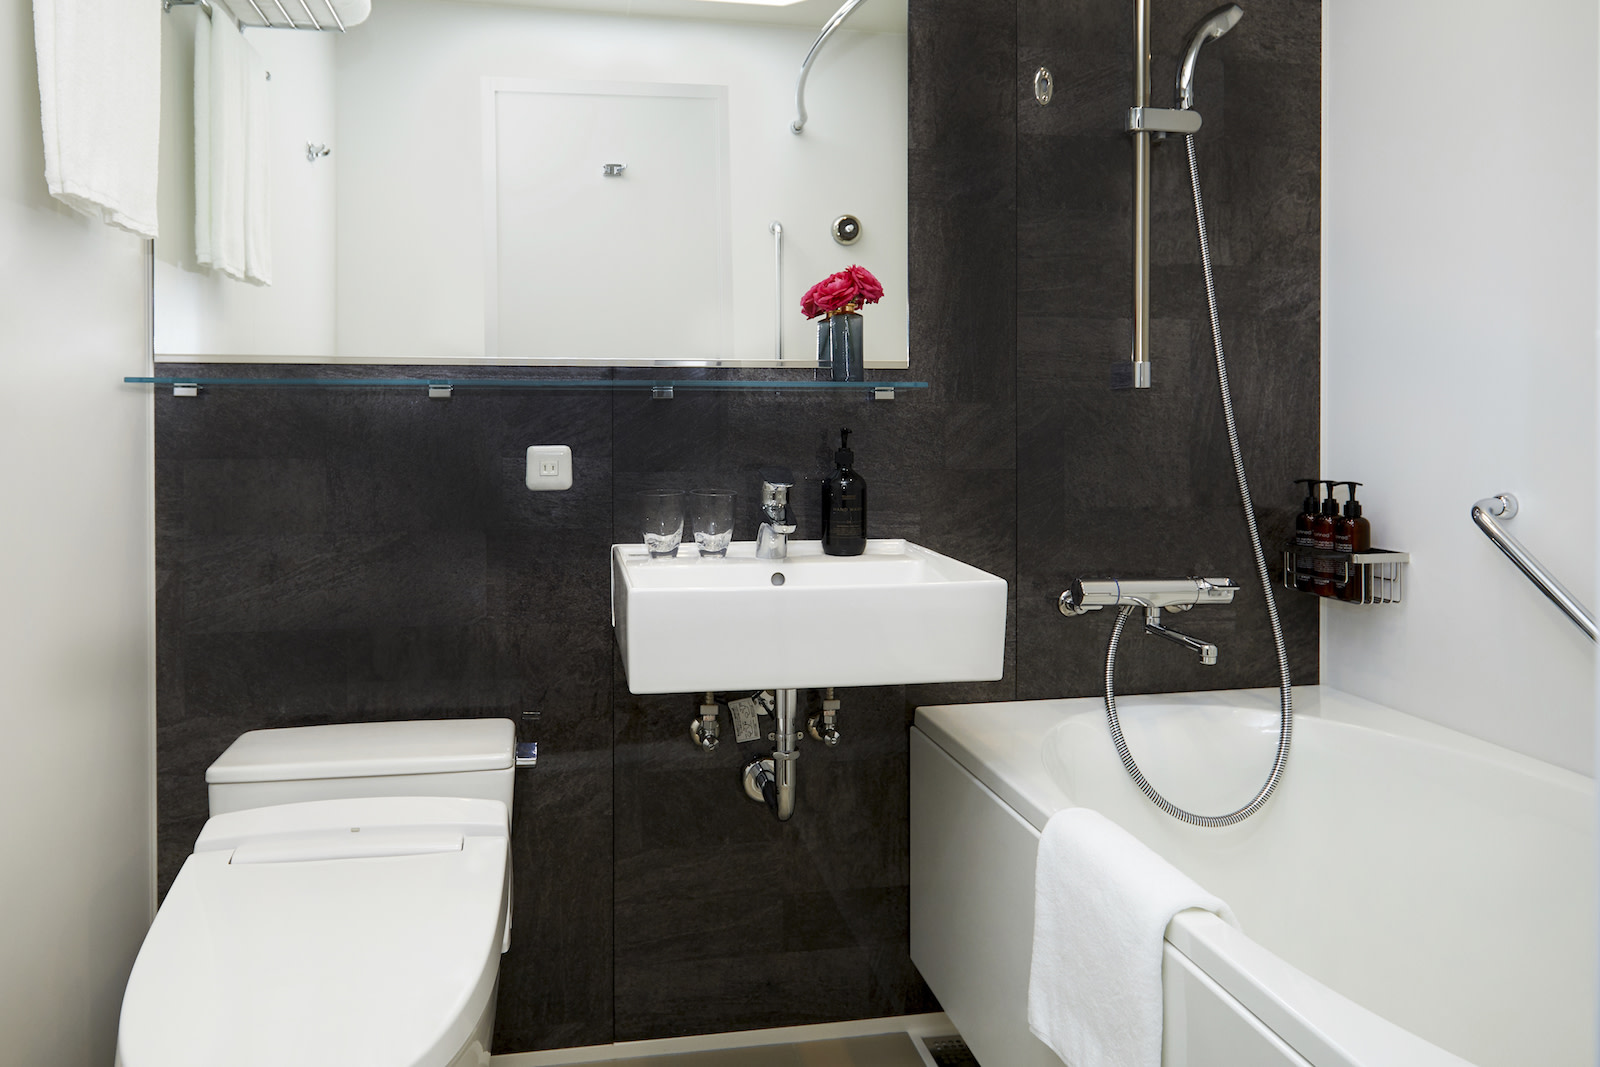 シタディーンなんば大阪 bathroom | Workations(ワーケーションズ)